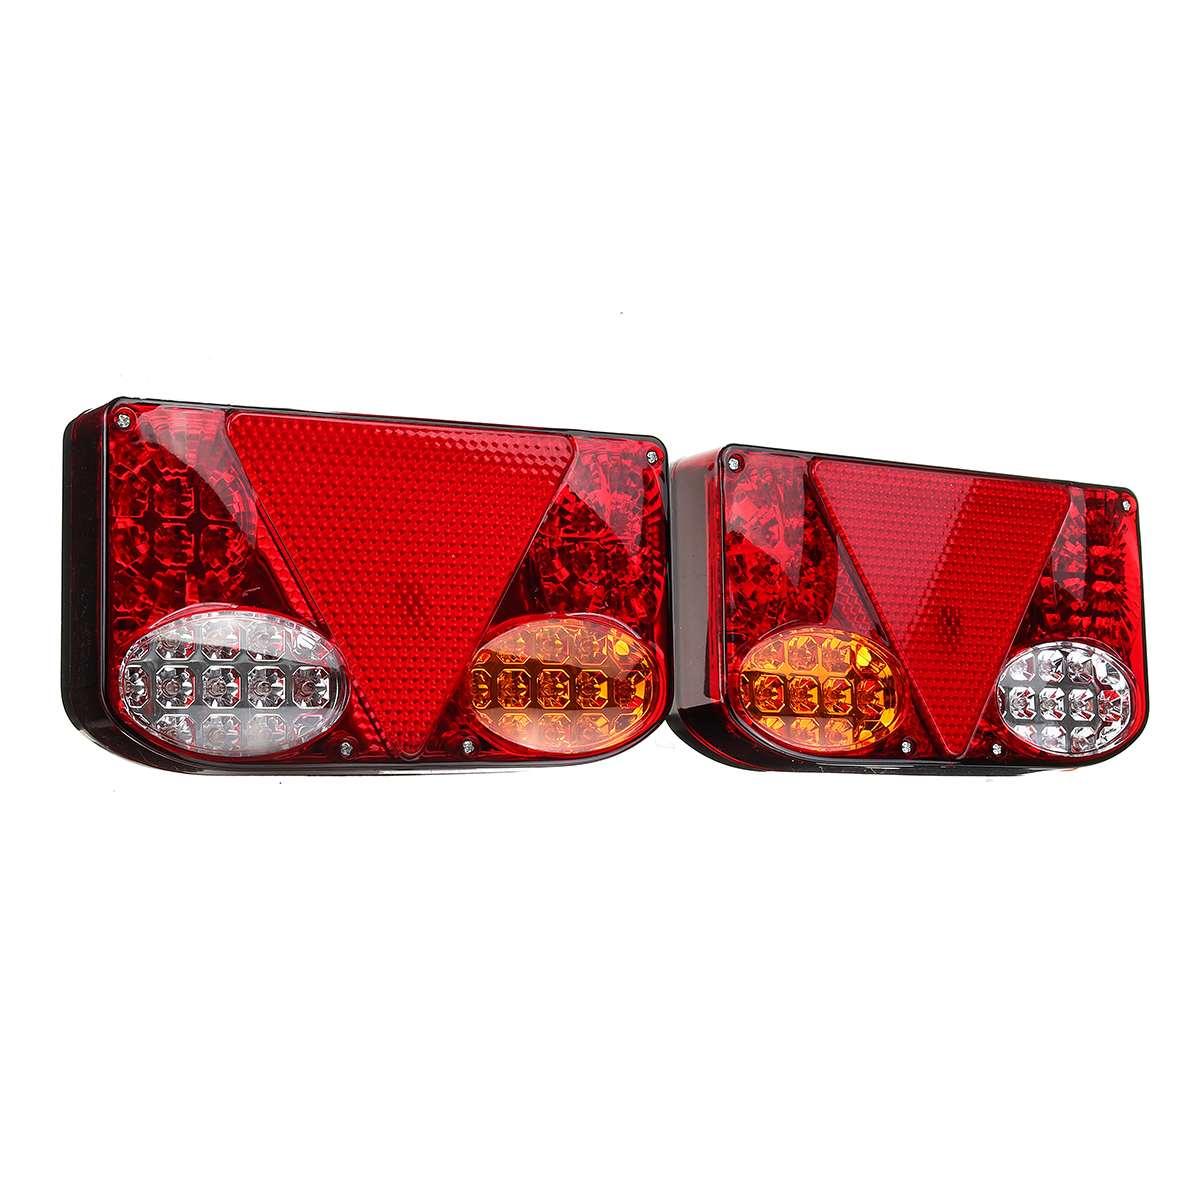 ضوء خلفي للسيارة LED ، مصباح الفرامل الخلفي ، إشارة الانعطاف للشاحنة ، مقطورة ، الشاحنة ، 12 فولت ، 2 قطعة